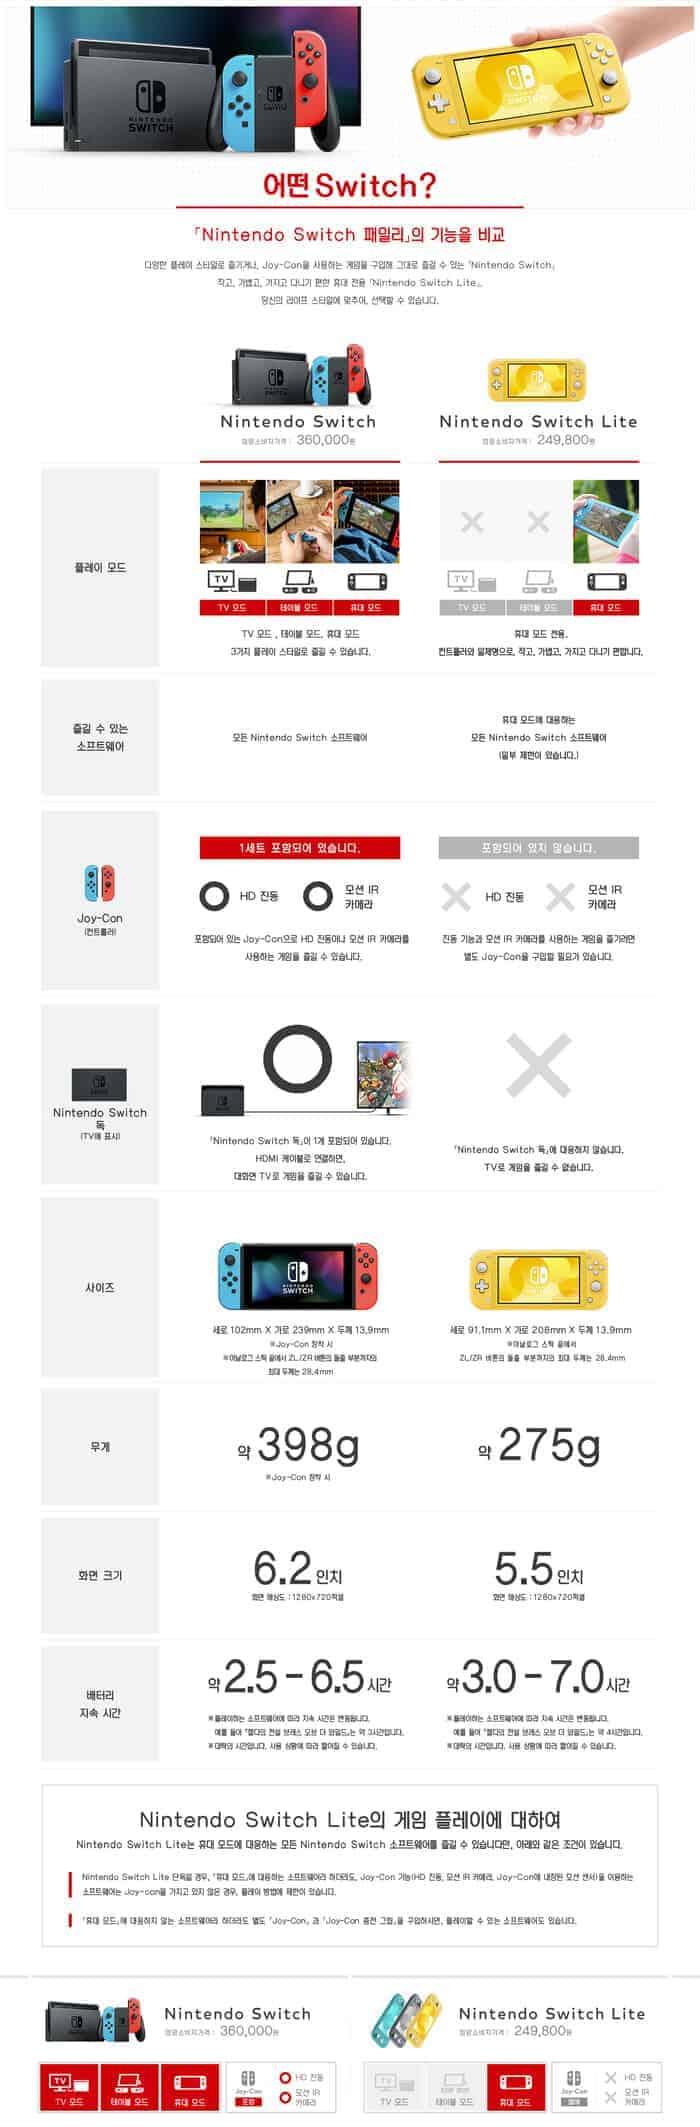 컴팩트한 휴대 전용 버전, '닌텐도 스위치 라이트' 공개 ⓒ 사진 - 닌텐도 코리아 출처